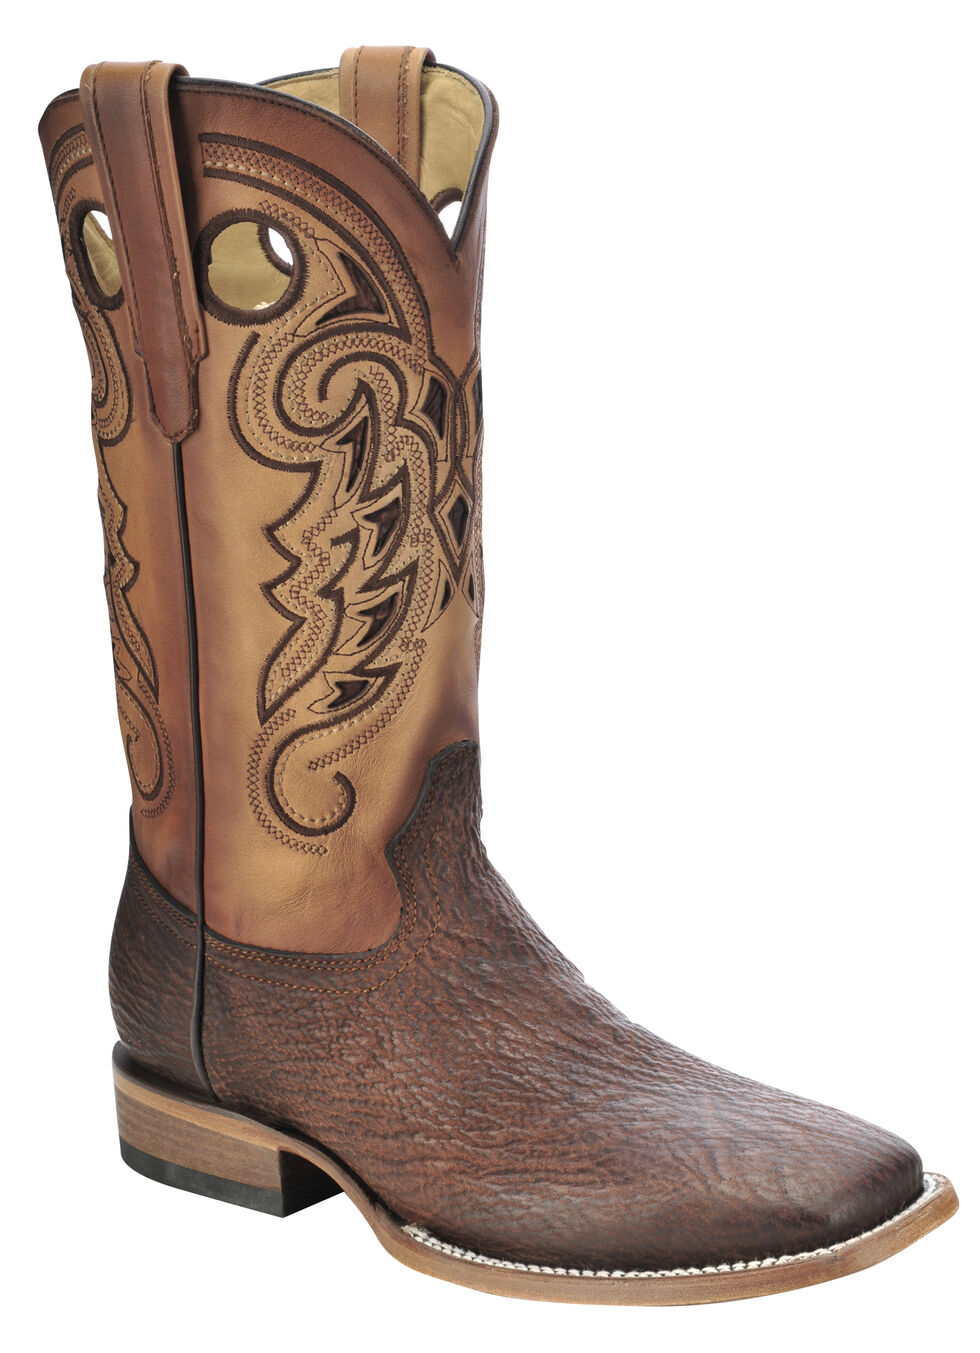 Corral Shark Vamp Cowboy Boots - Wide Square Toe, Tan, hi-res